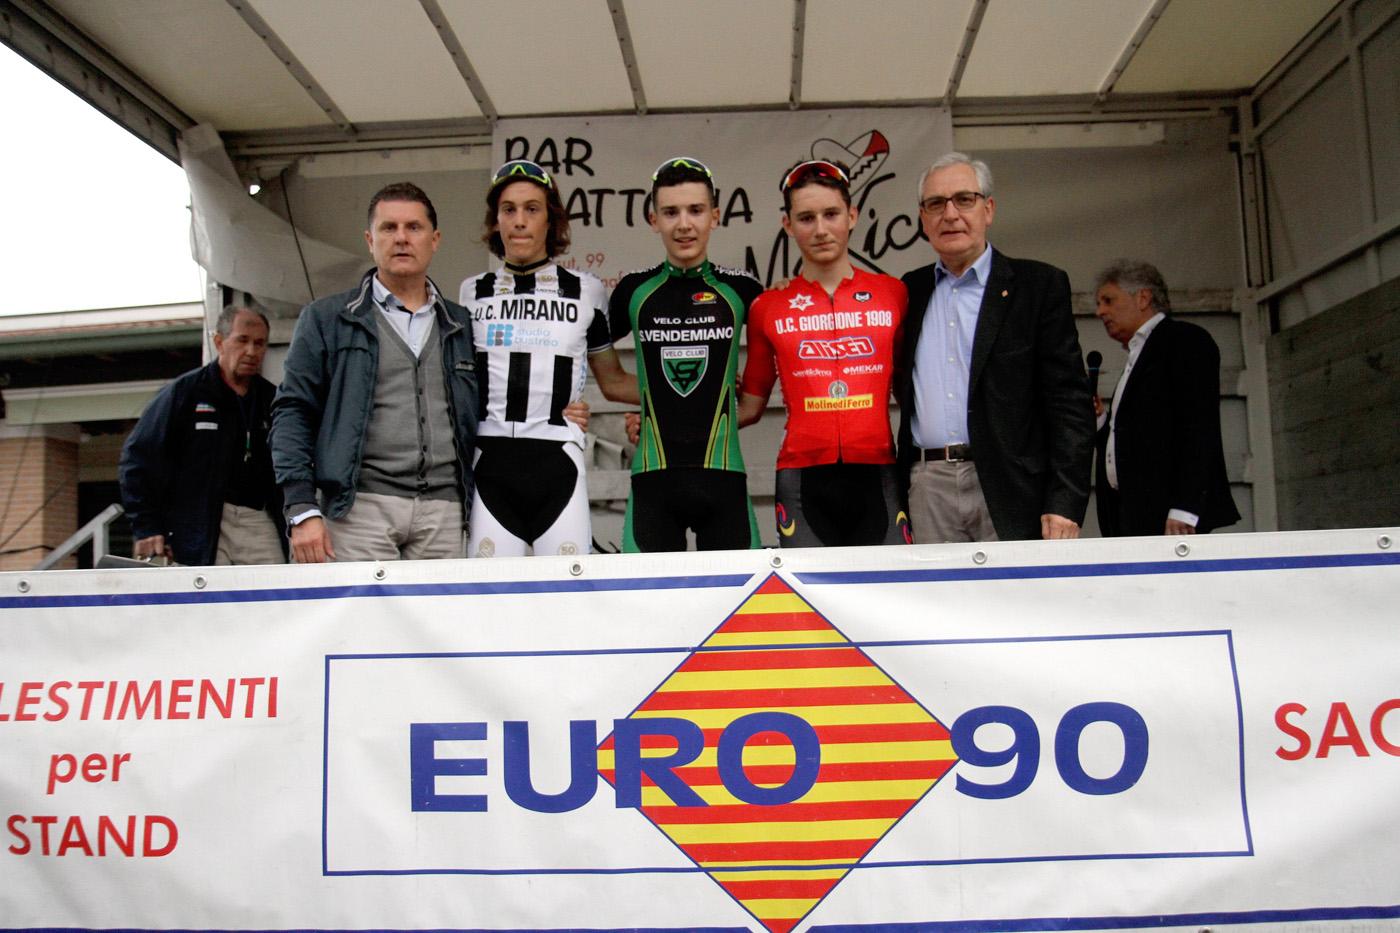 Milosevic podio casut 18 Bolgan